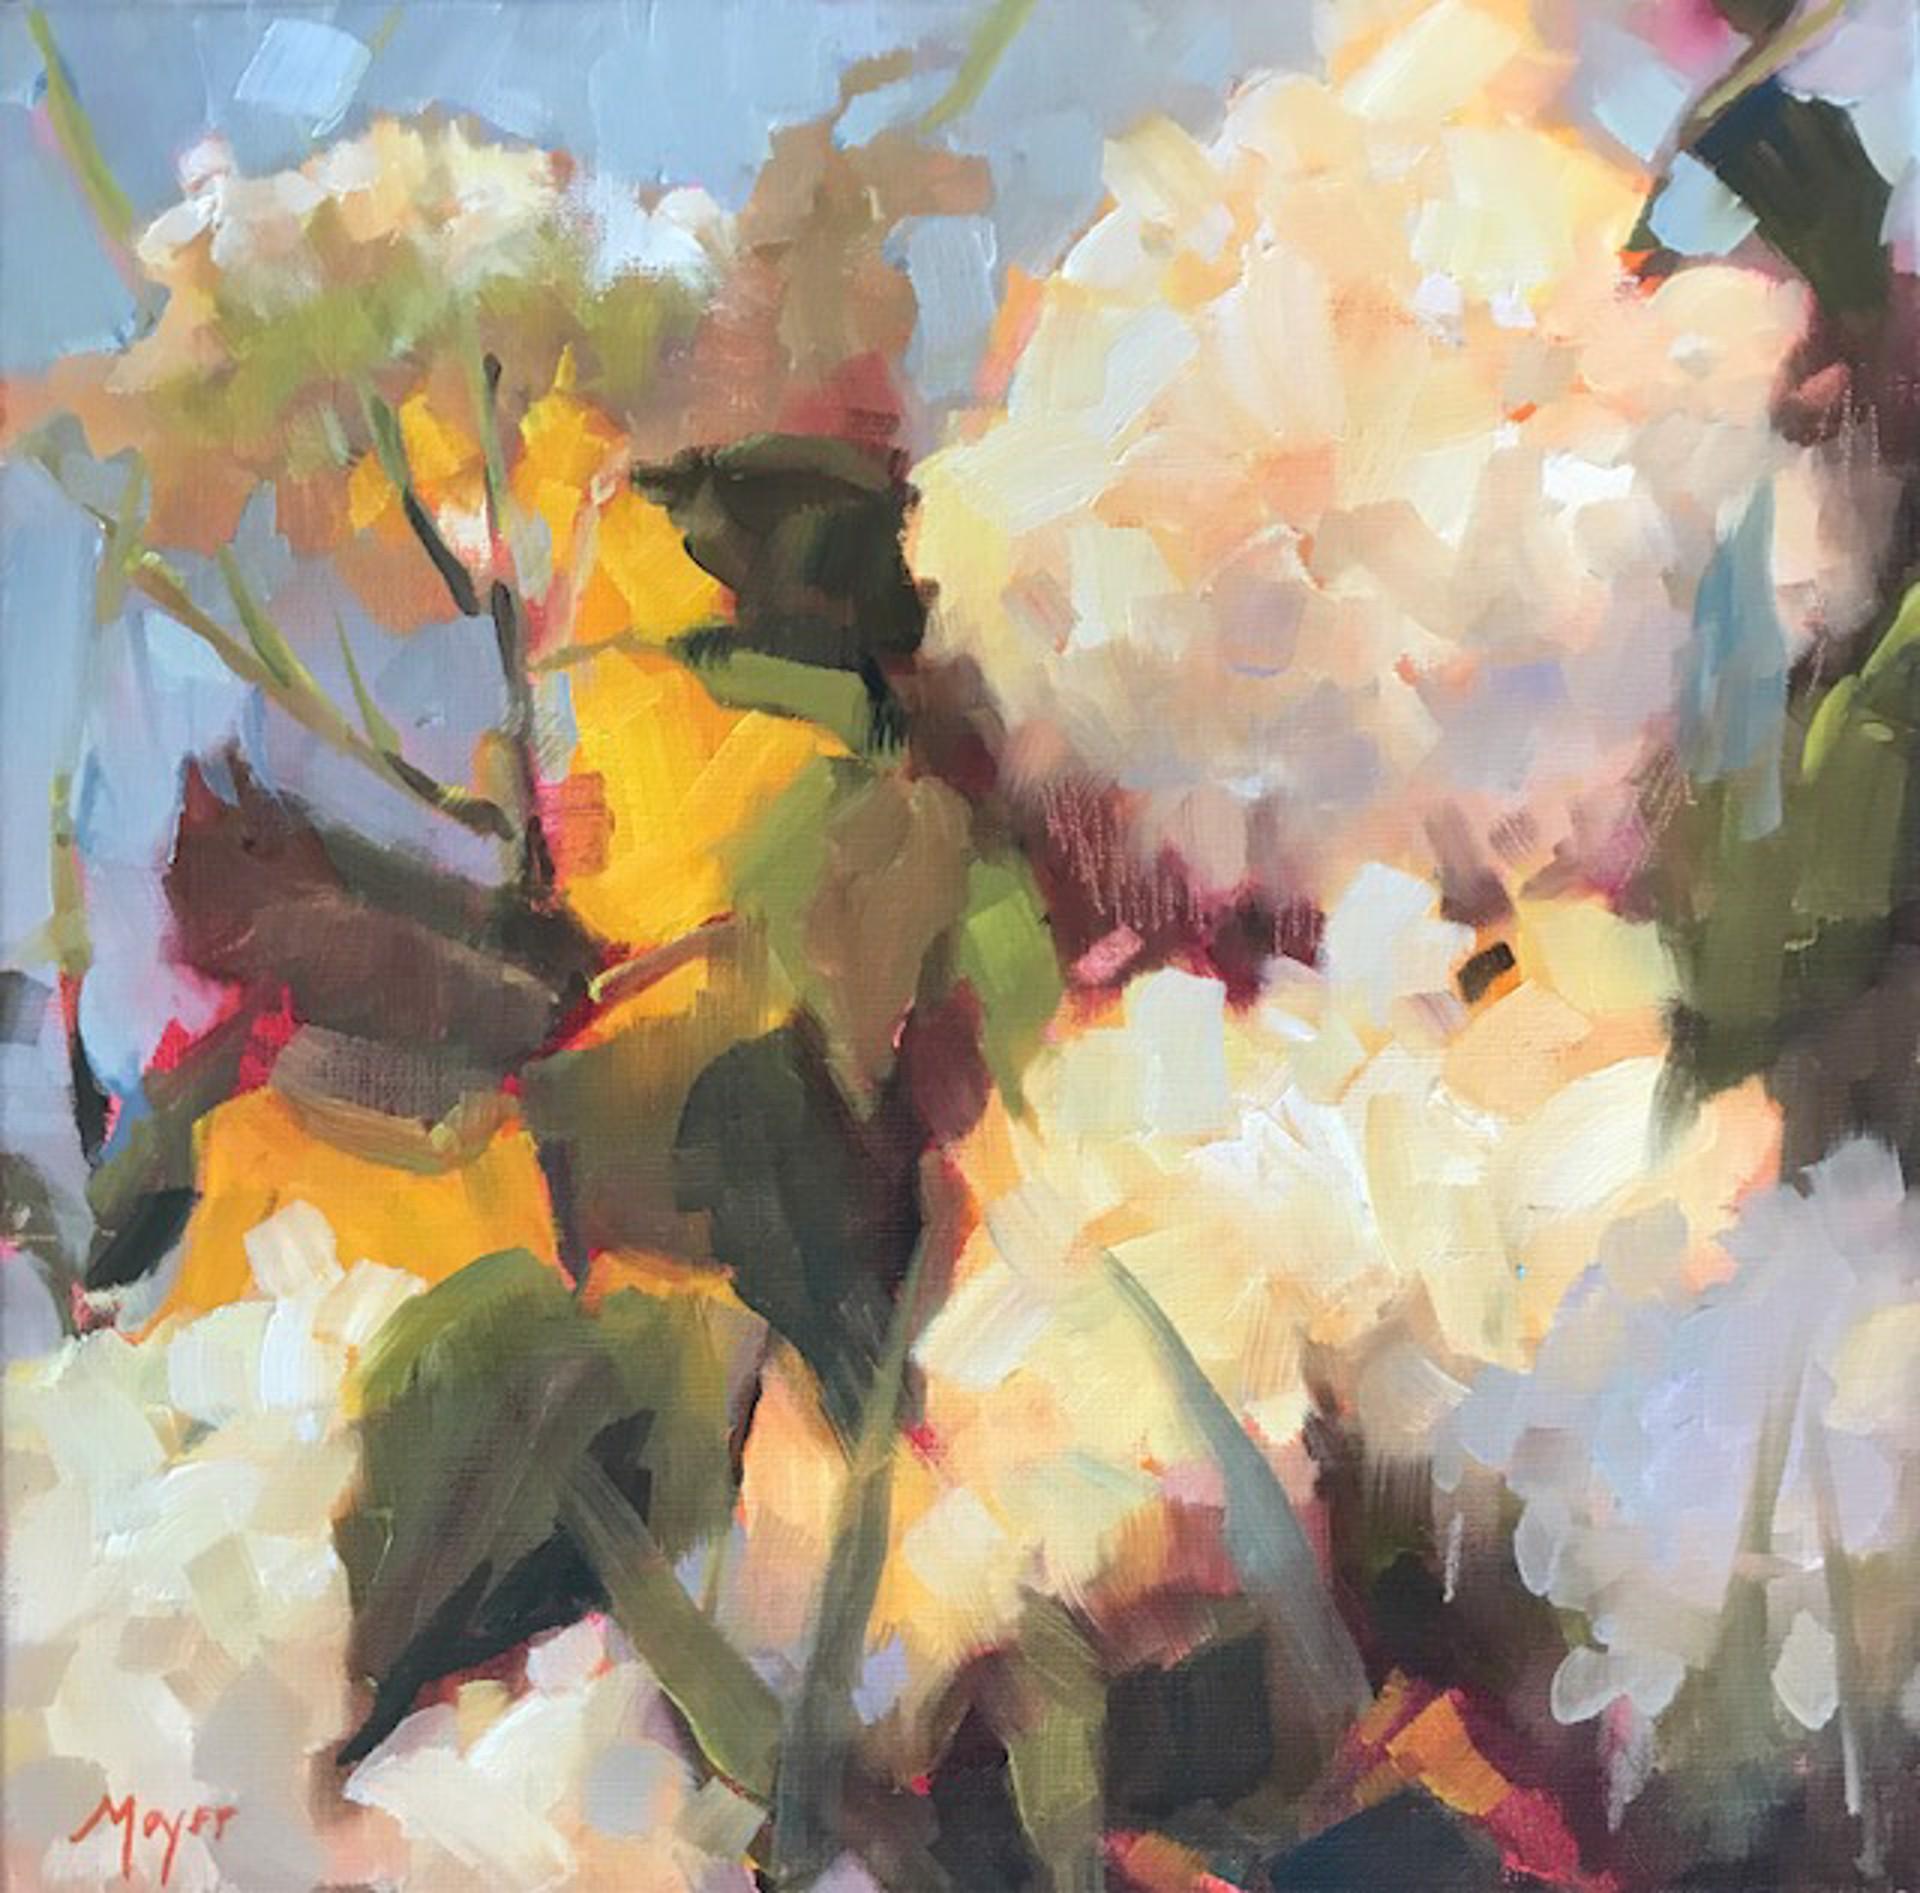 Lemon Light III by Laurie Meyer